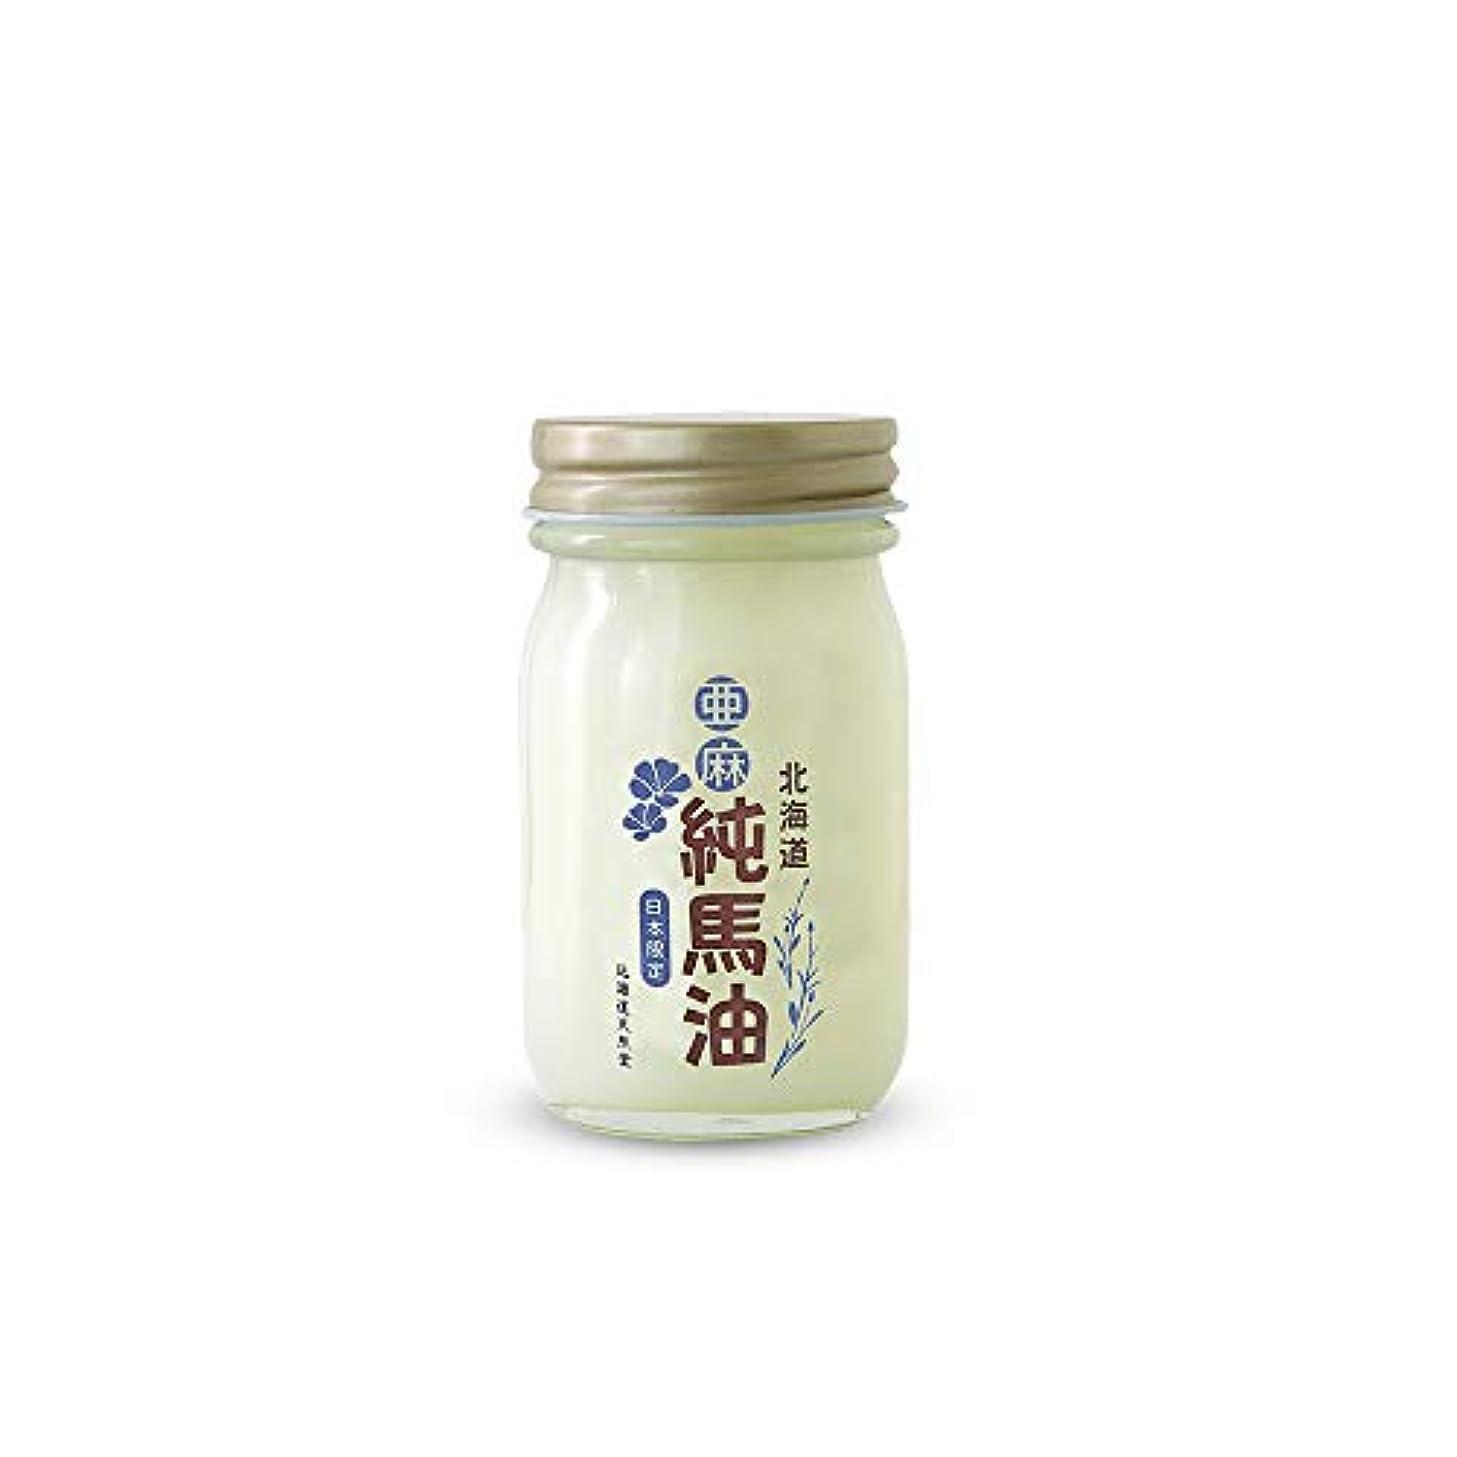 戸棚滝空港アマ純馬油 80g / 北海道天然堂